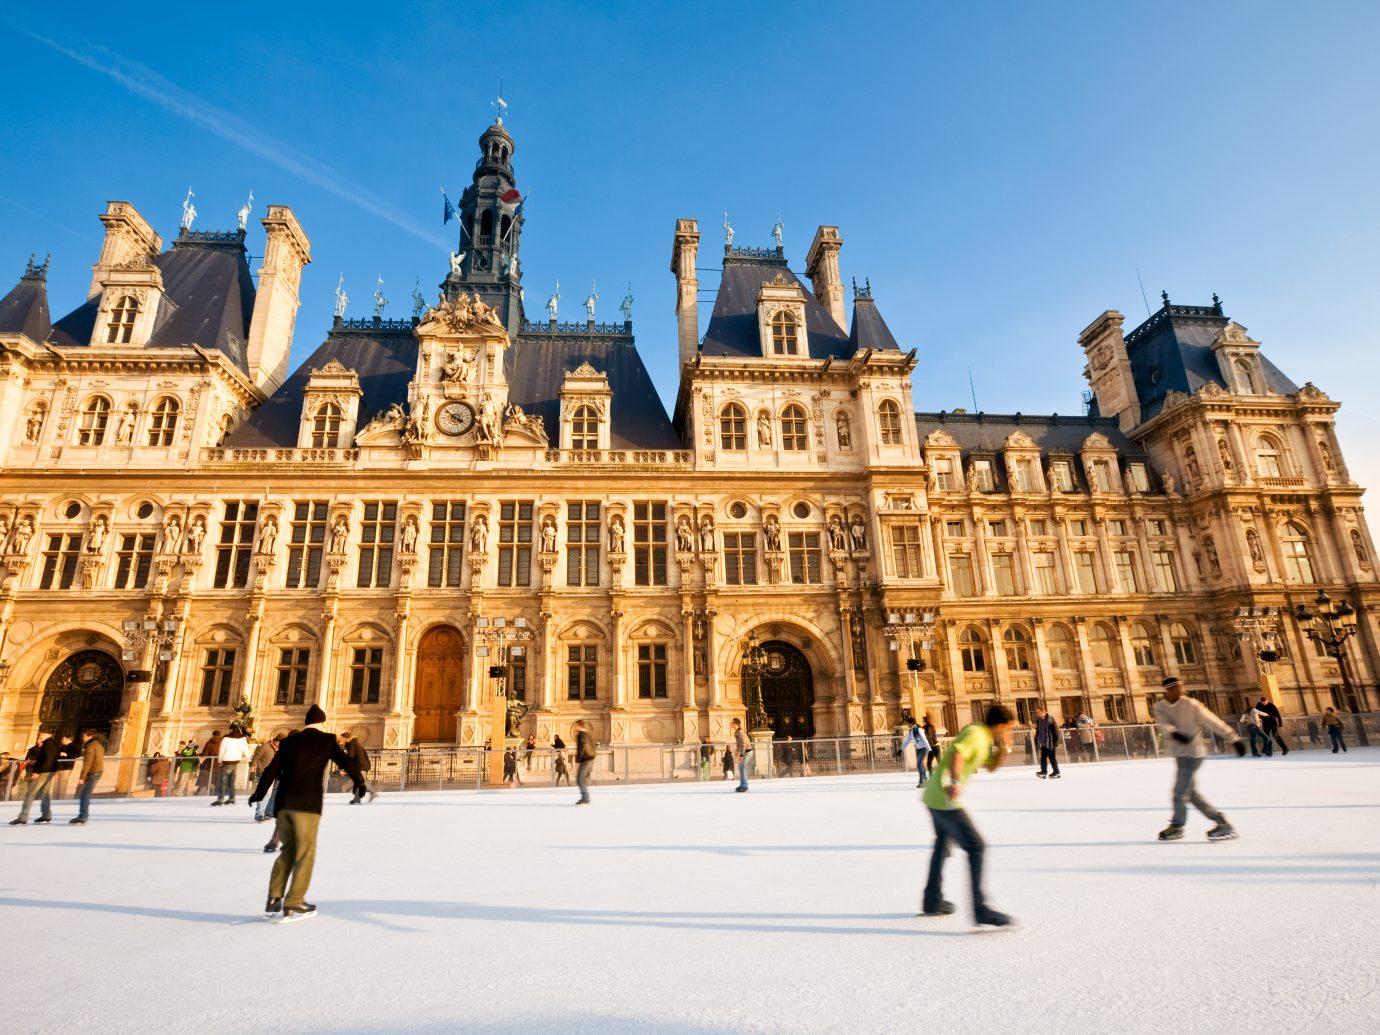 People skating at Paris Town Hall, France